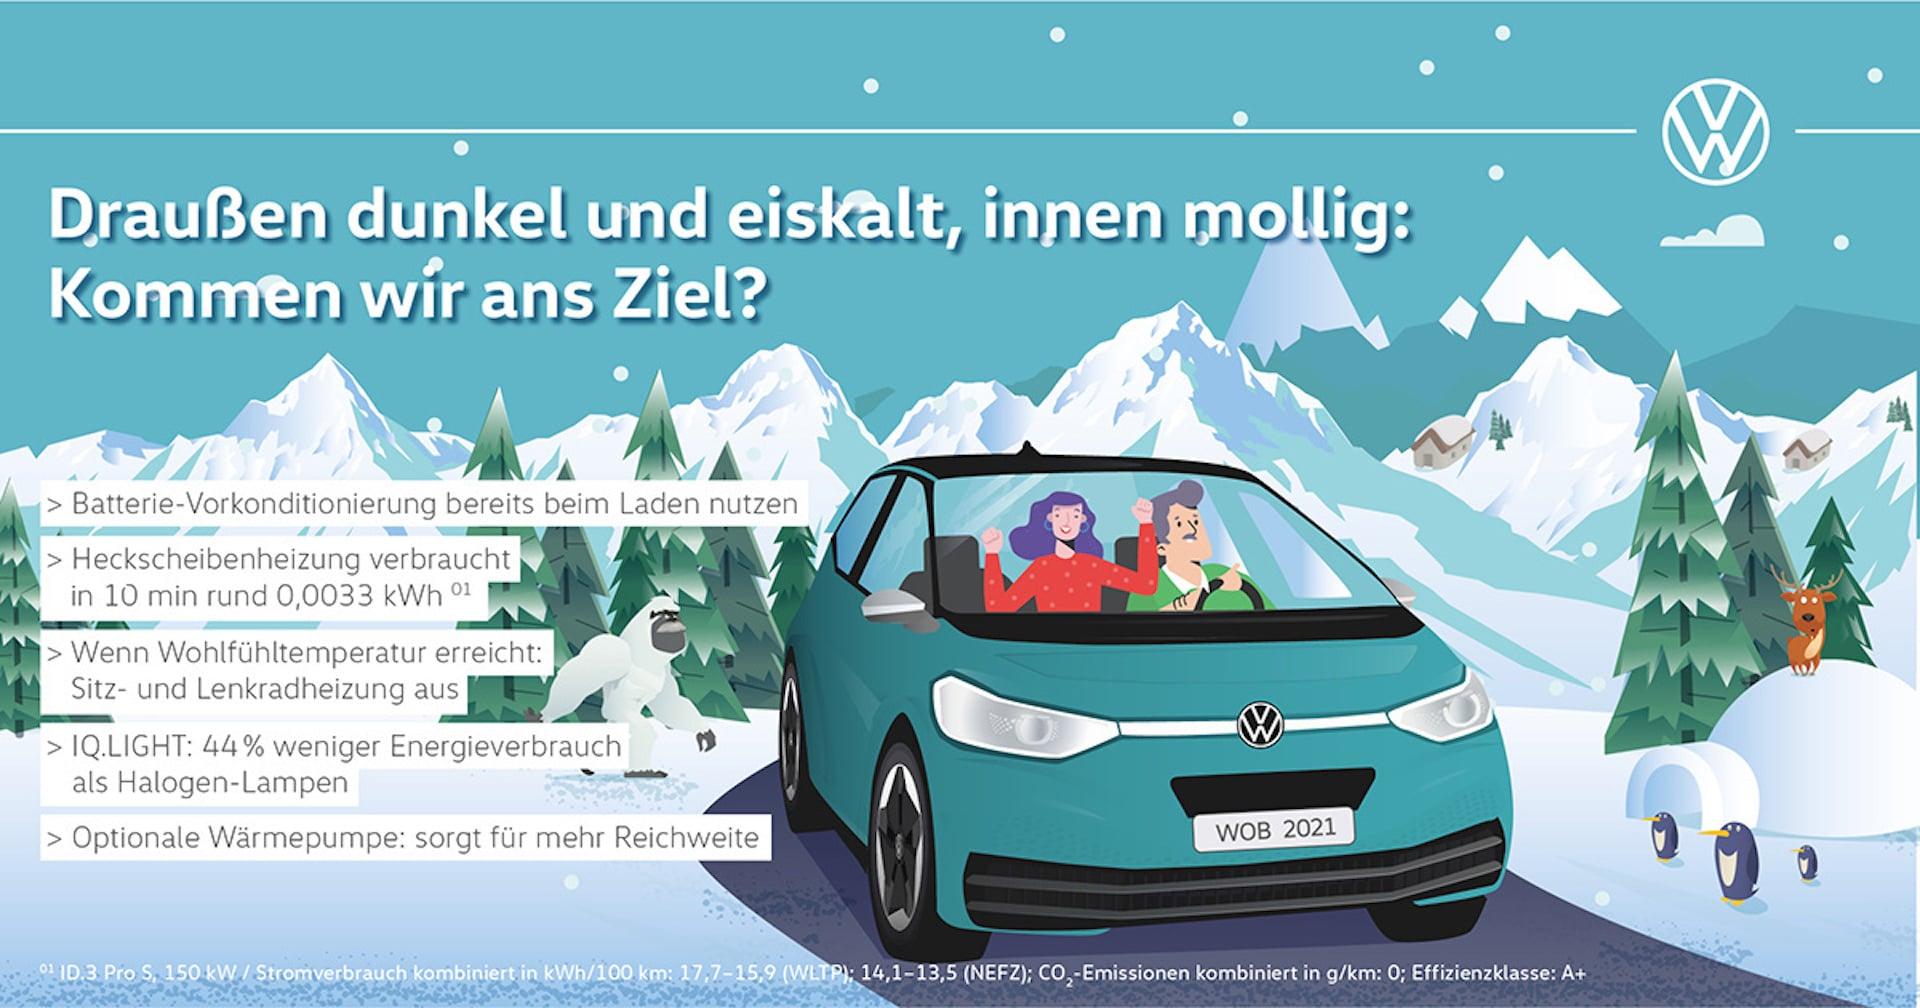 Volkswagen-Elektroauto-Reichweite-Winter